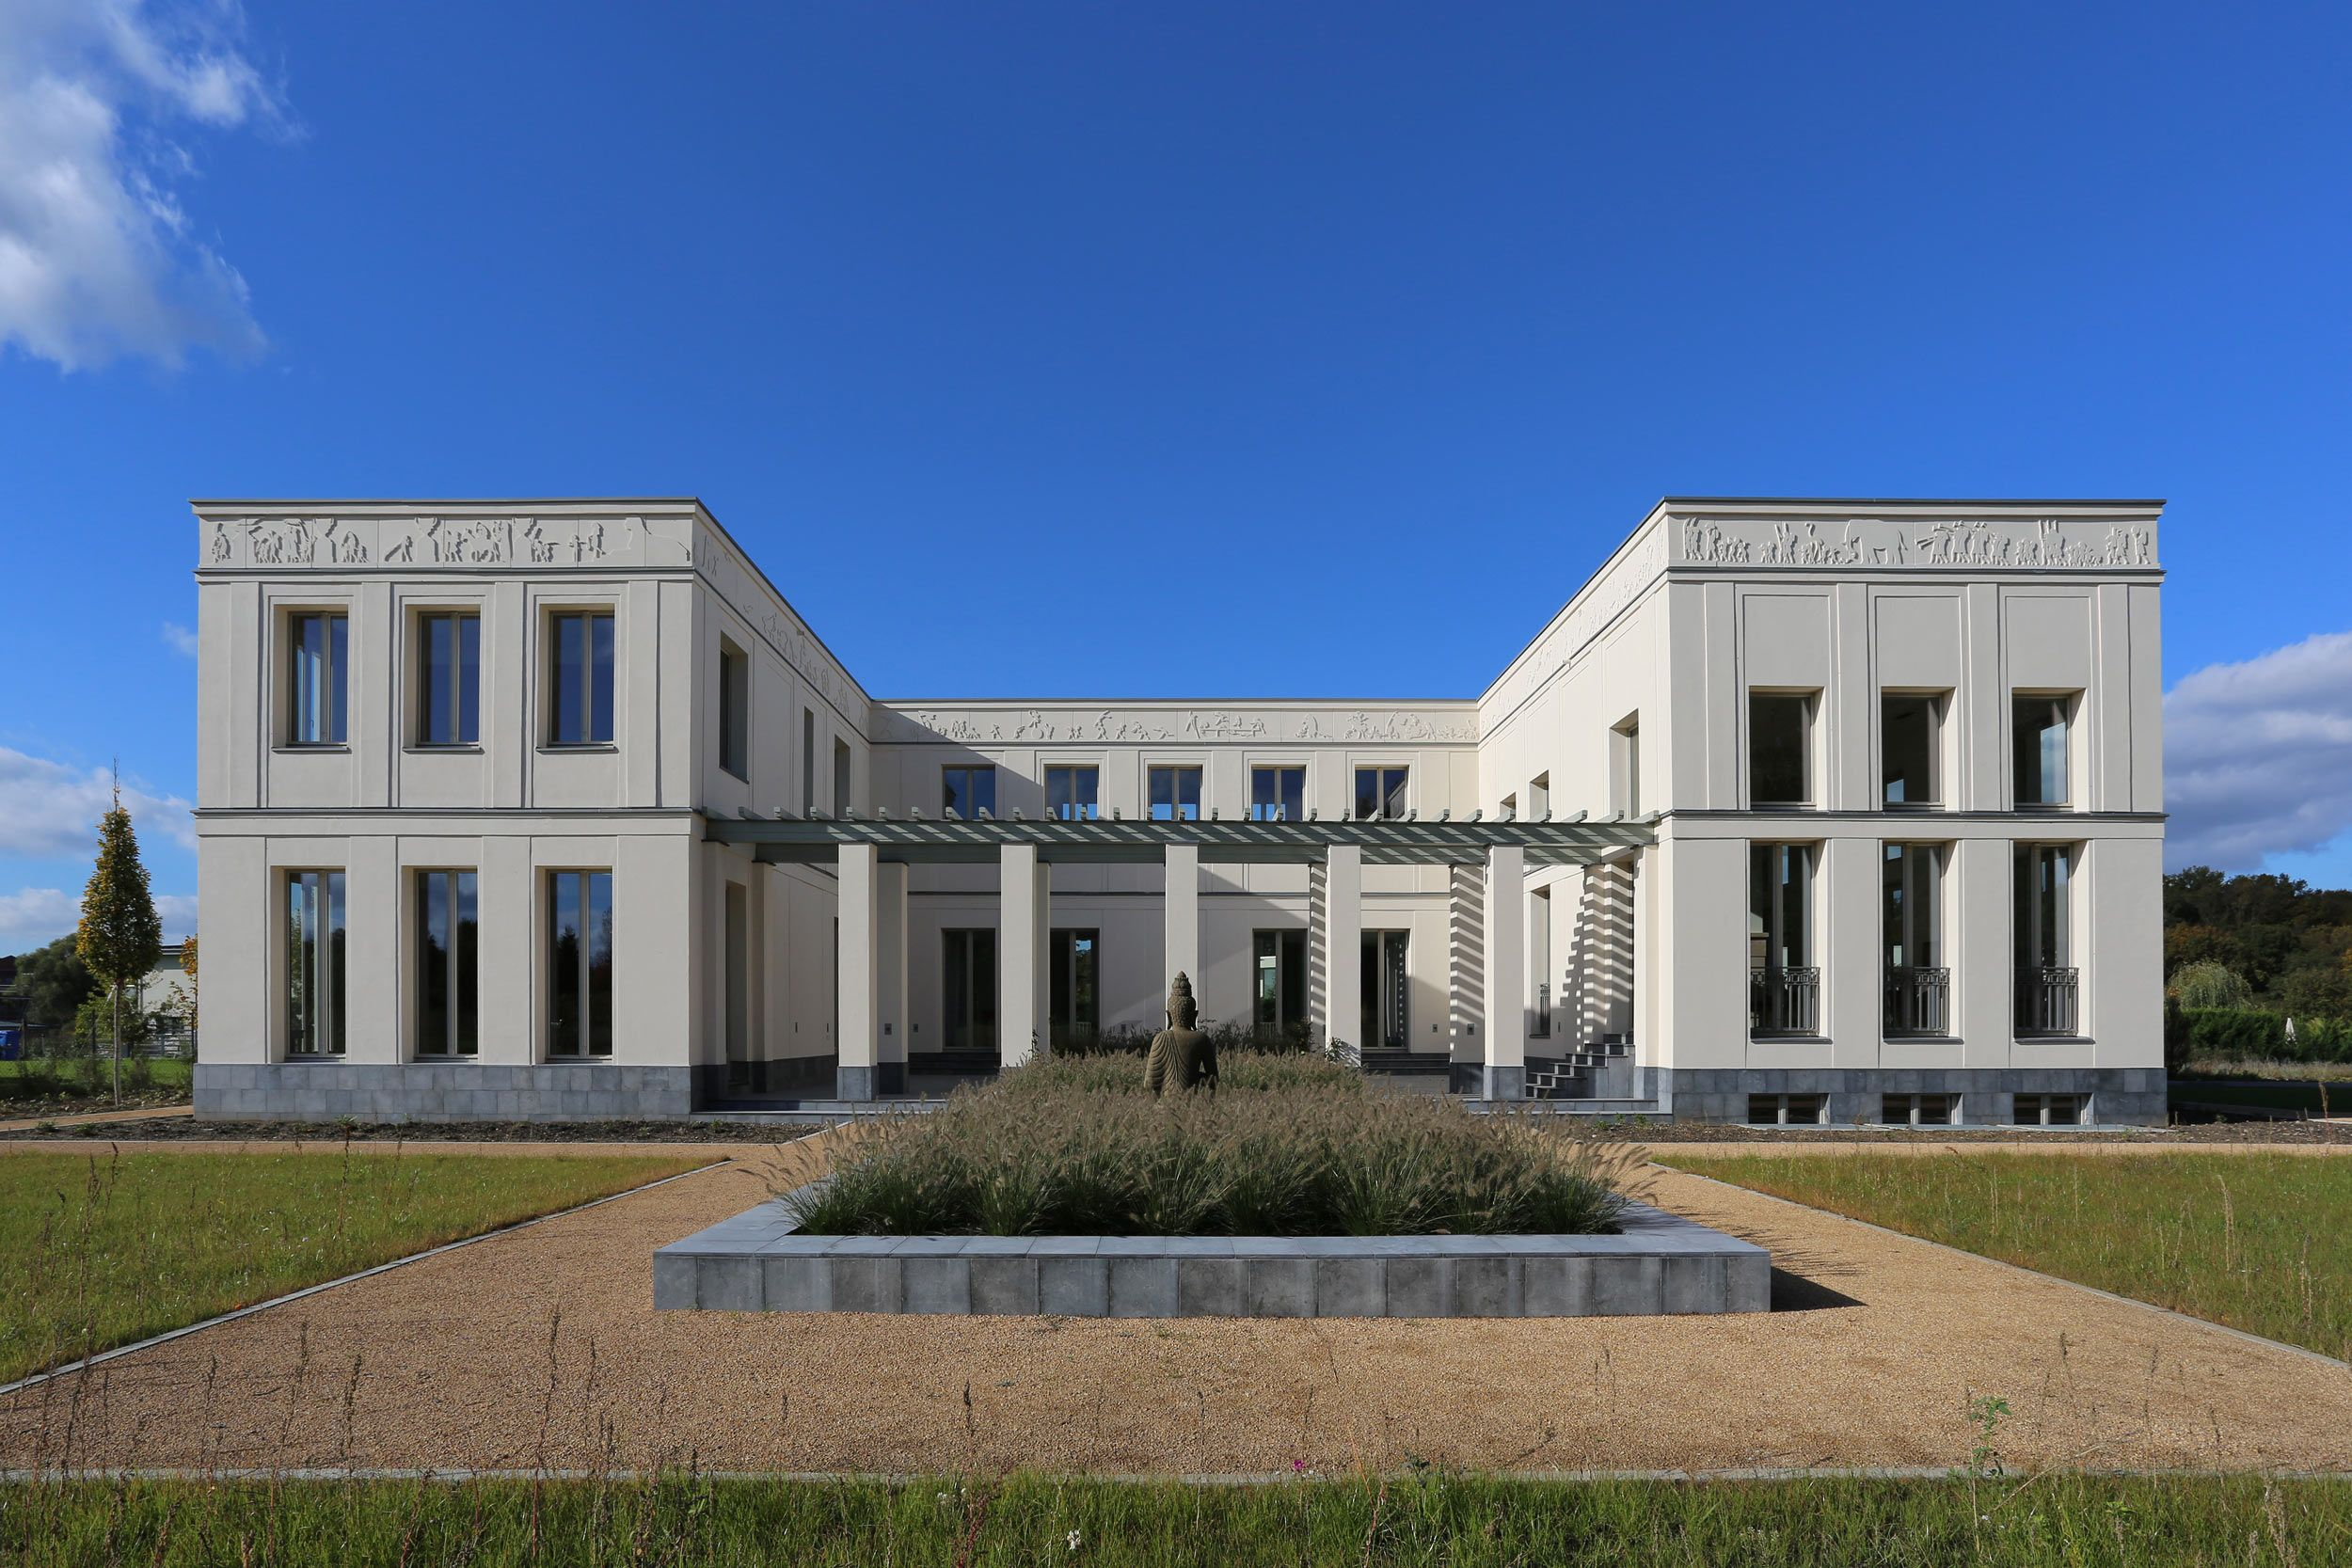 exklusive villa in potsdam jungfernsee vogel cg architekten berlin klassische villa. Black Bedroom Furniture Sets. Home Design Ideas